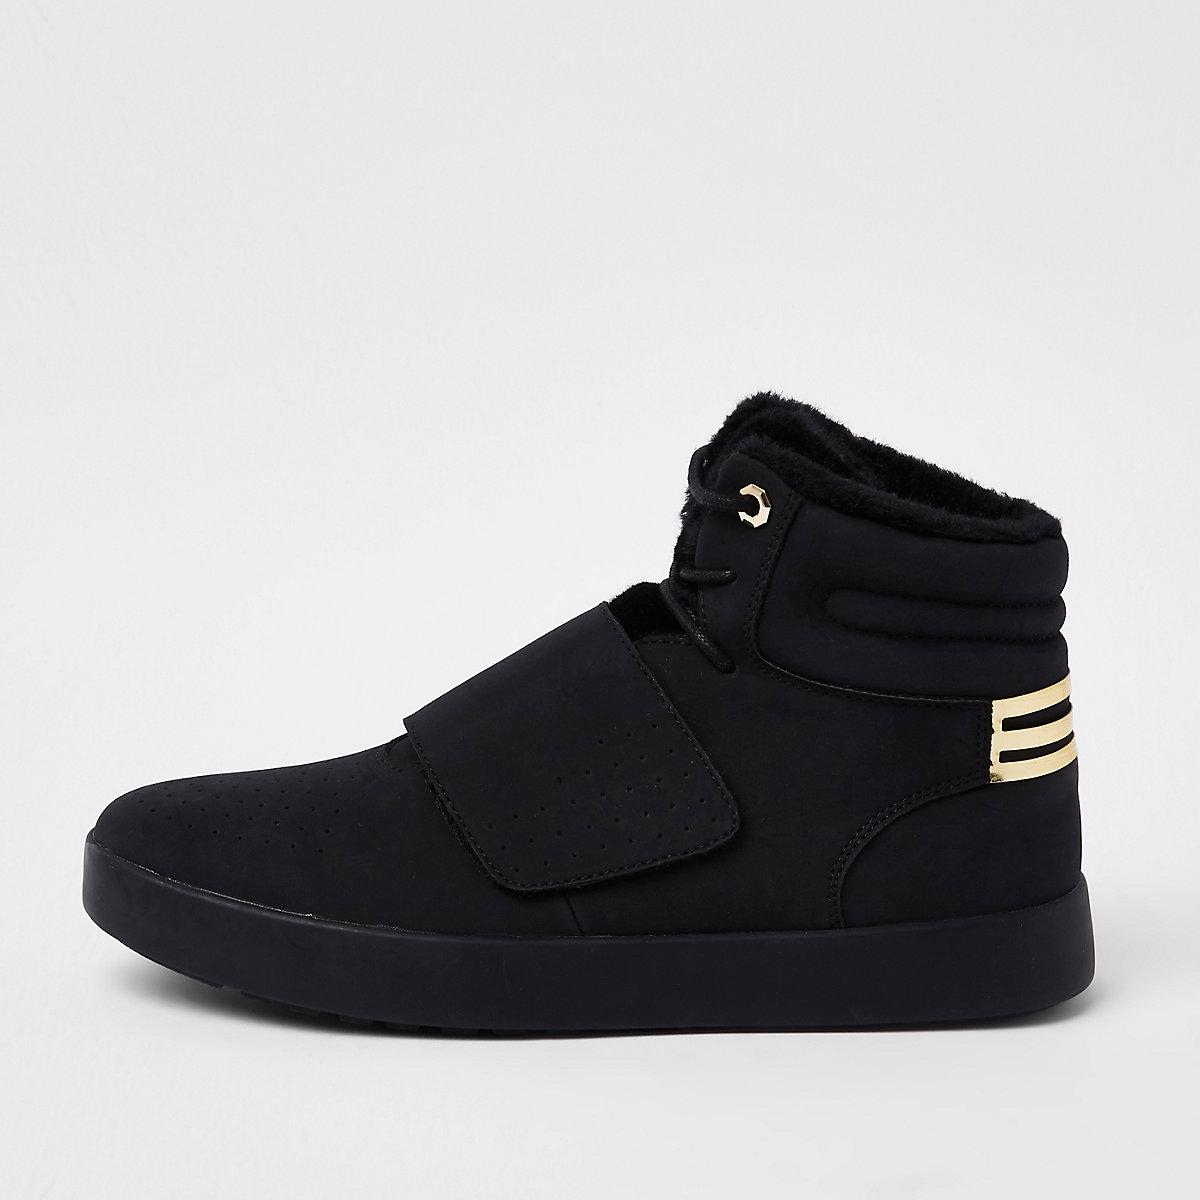 Black fleece lined high top sneakers